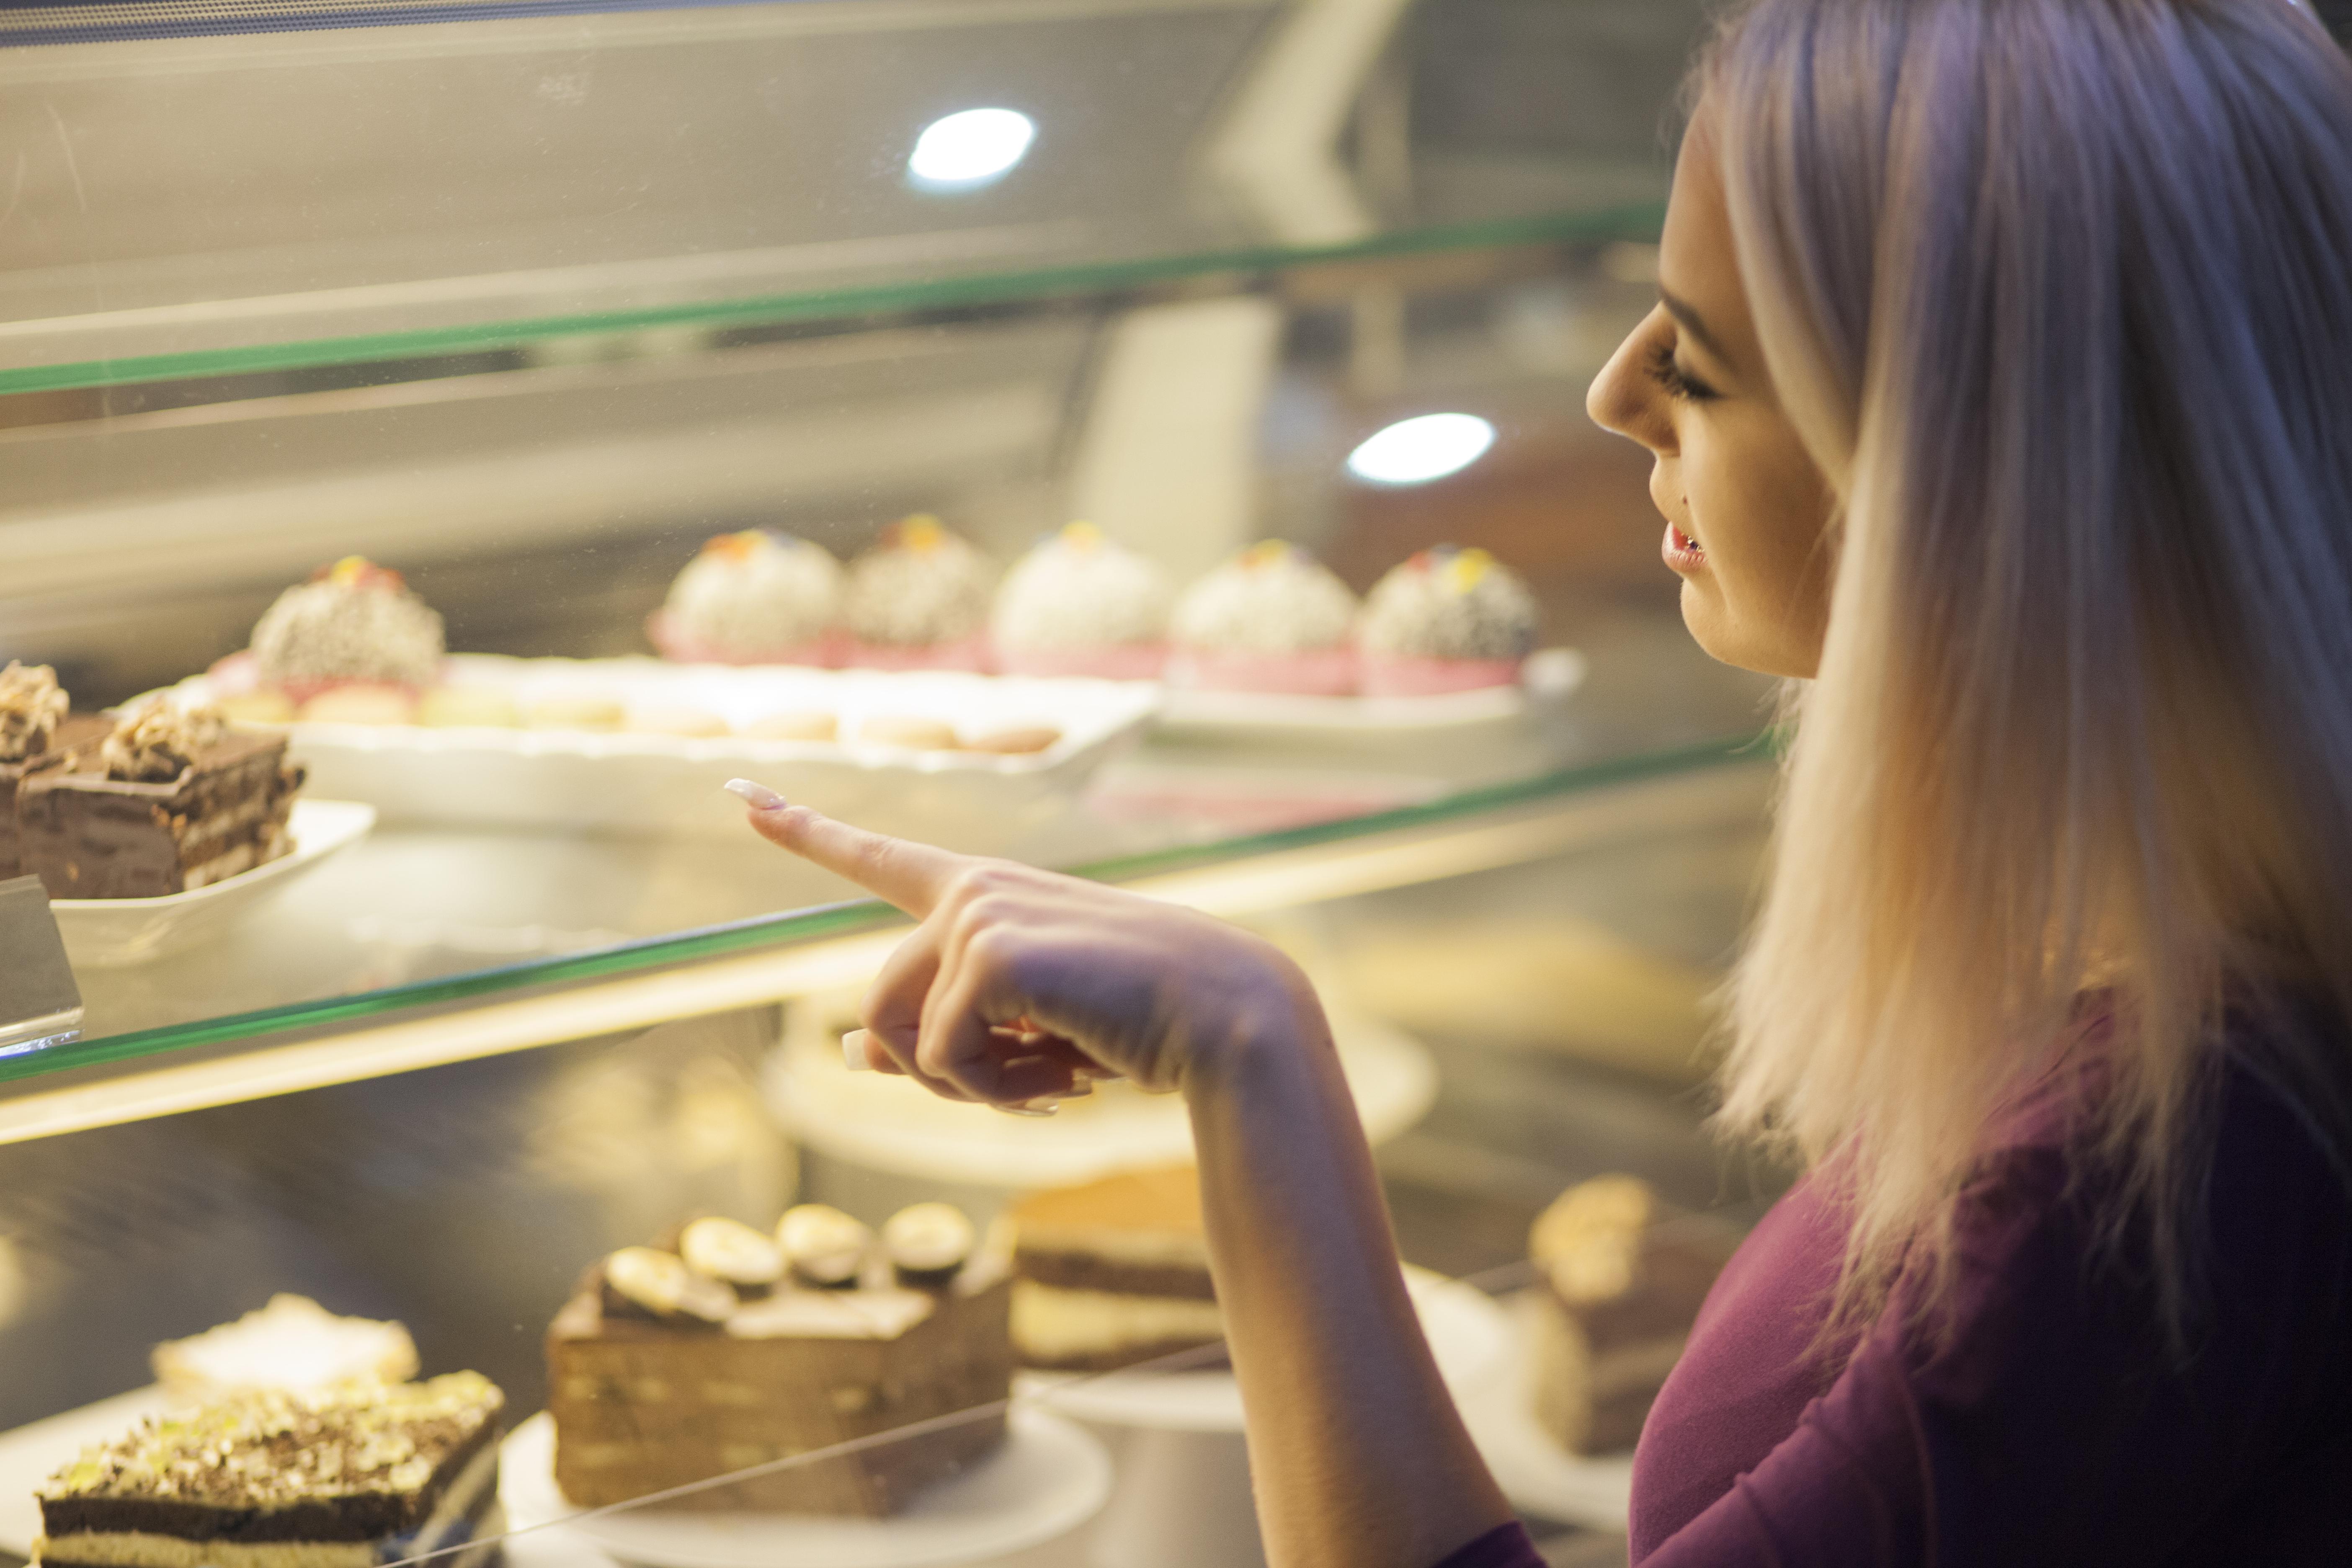 <p><strong>Торта</strong></p>  <p>Често в хранителните магазини може да откриете торти на доста известни производители, които имат свои собствени сладкарски цехове и магазини. В големите вериги ще закупите по-малка торта, като размер и ще платите доста висока цена. Същата торта често в по-голям размер може да закупите от самия производител и ще ви излезе по-изгодно.</p>